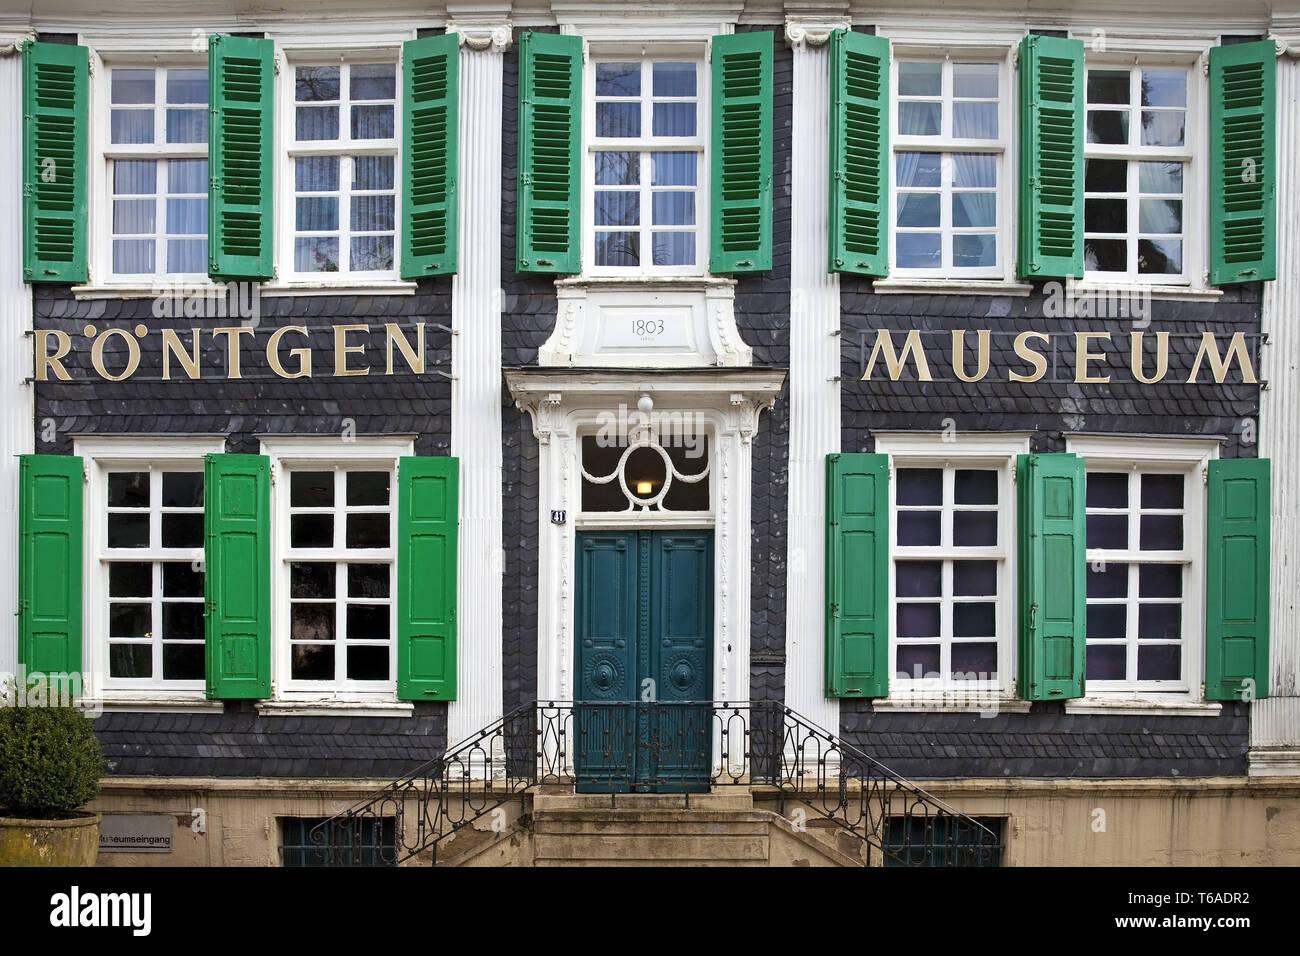 Deutschen Röntgen Museum, Remscheid, Bergisches Land, Nordrhein-Westfalen, Deutschland, Europa Stockfoto